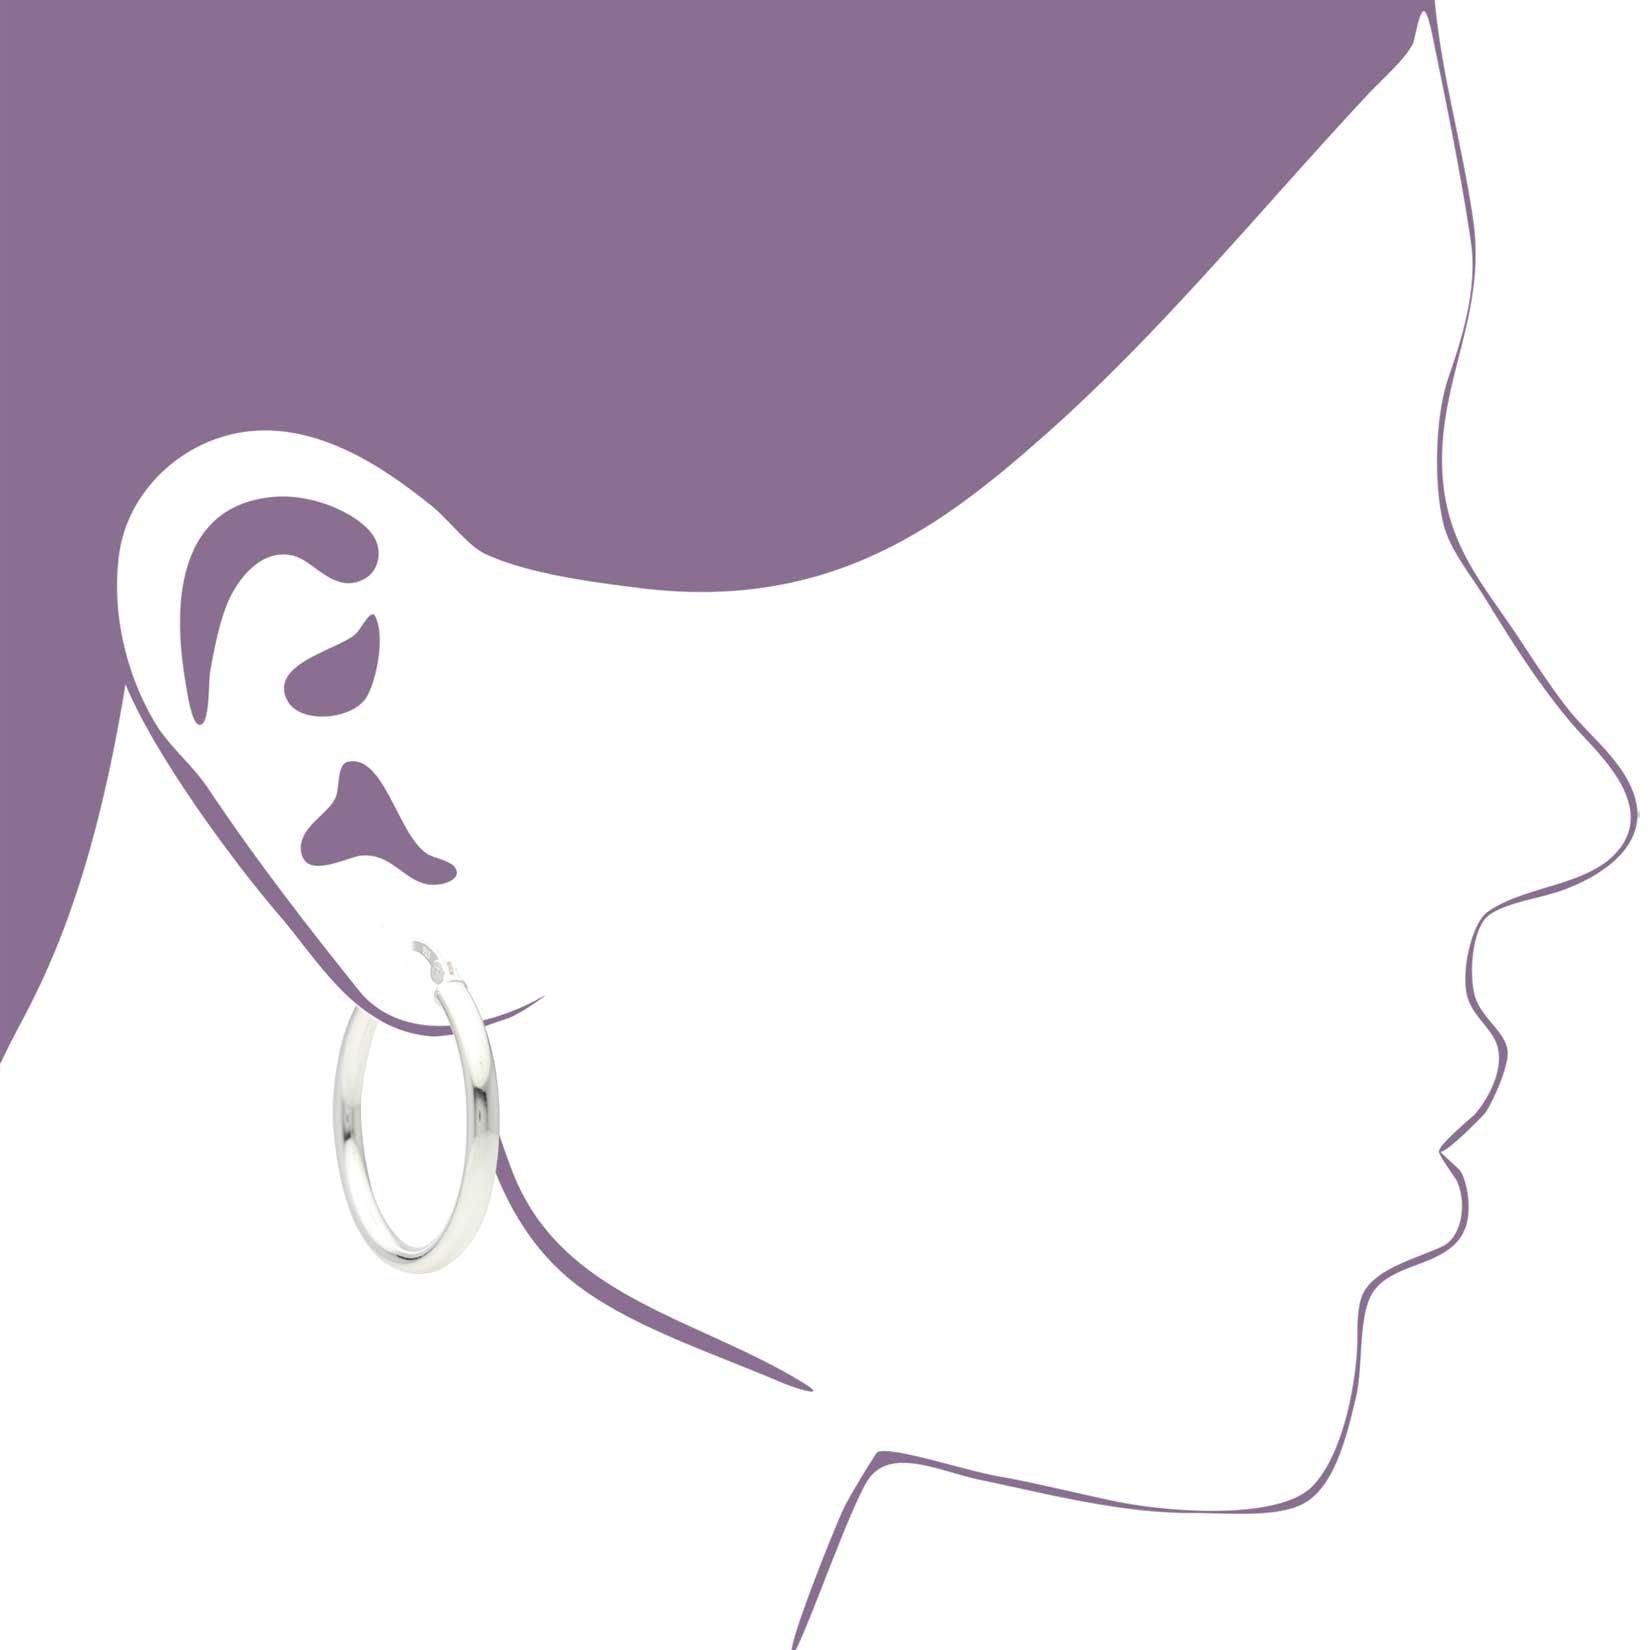 Sterling Silver Hoop Earrings - 3mm x 30mm Click-Top Tube Hoop by KEZEF Creations (Image #5)